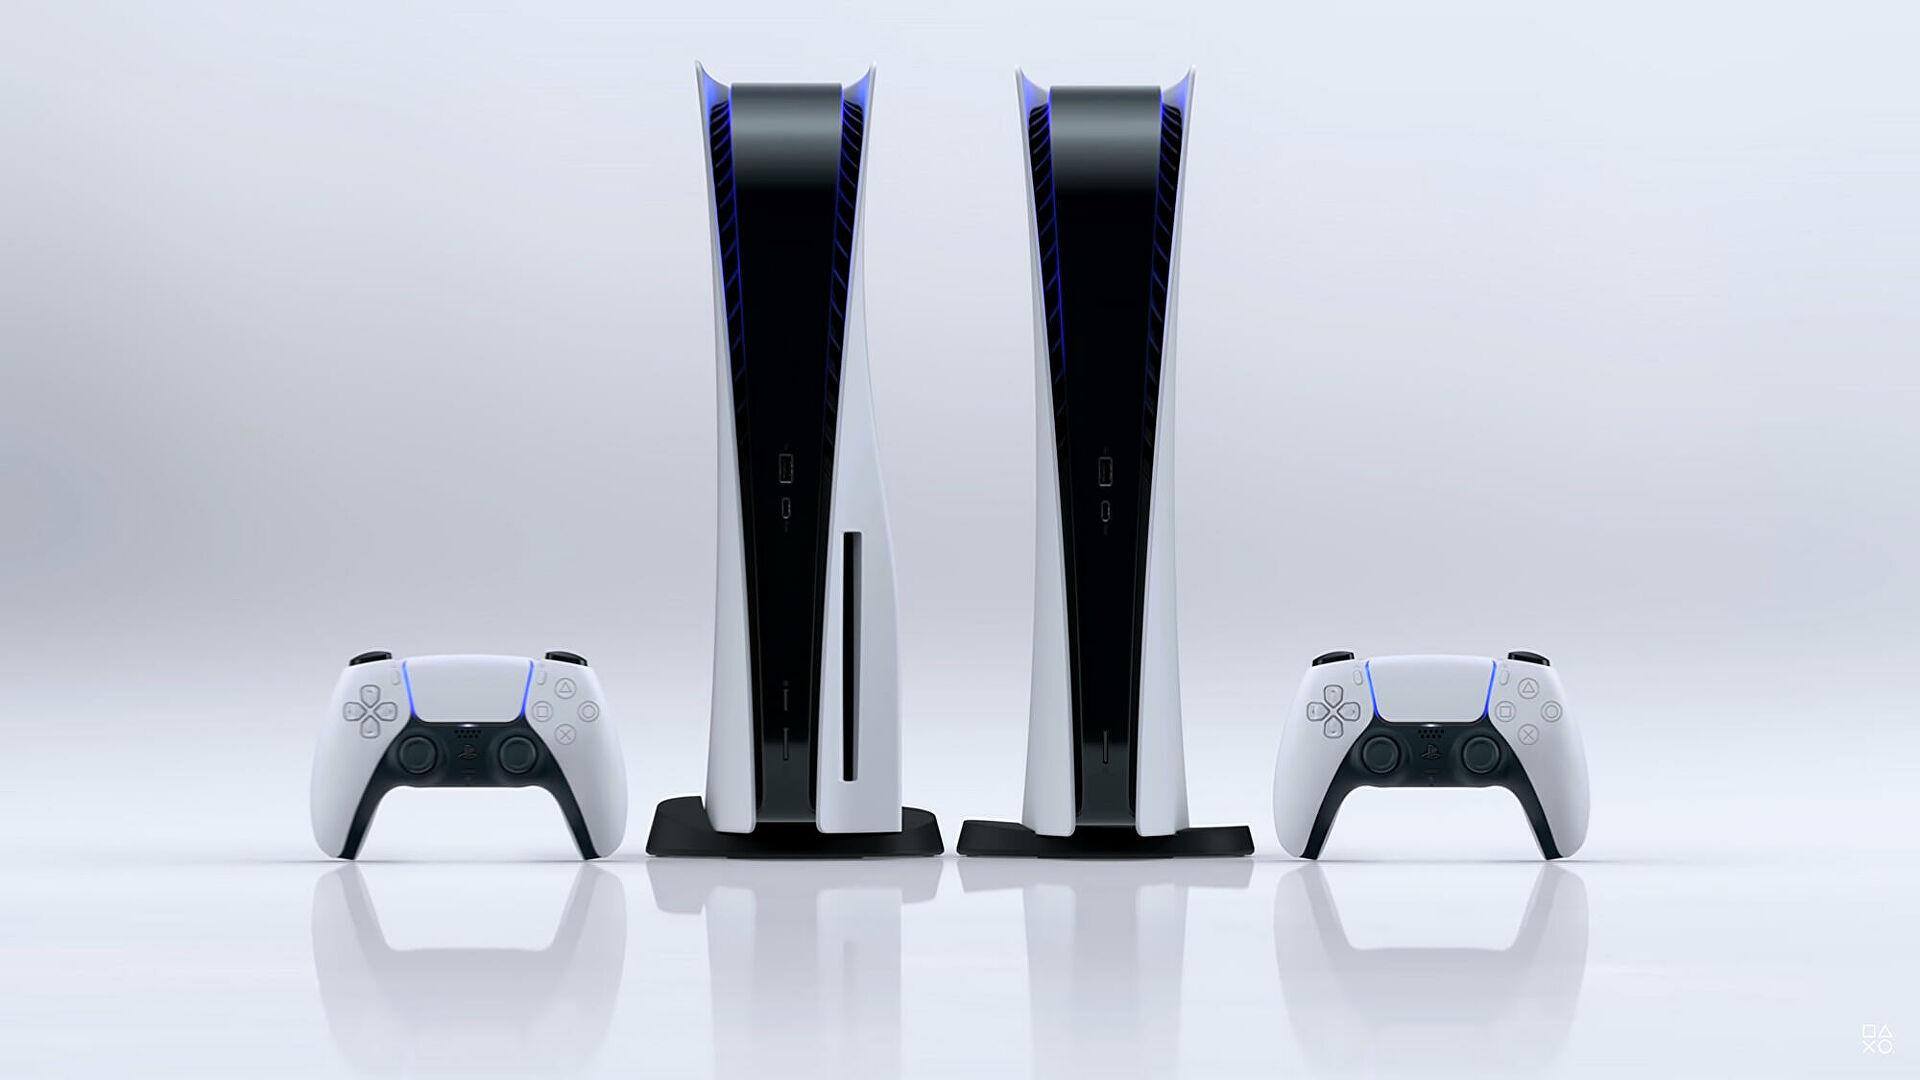 Покупатели PS5 раскритиковали Sony за внезапный запуск предзаказов — компания обещала сообщить об этом заранее